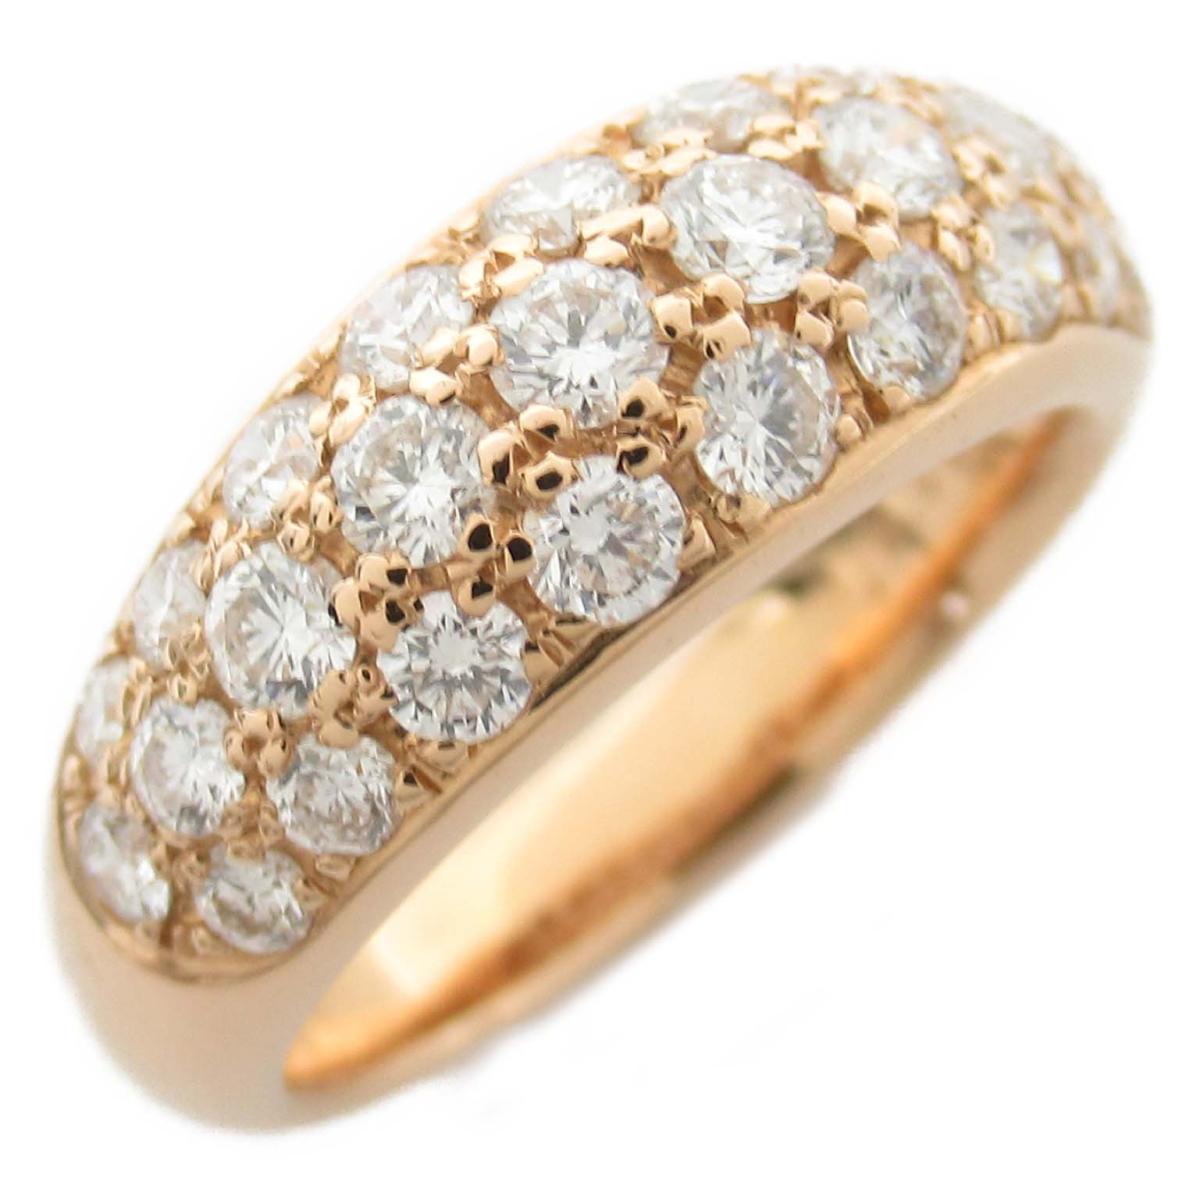 ジュエリー ダイヤモンド リング 指輪 ノーブランドジュエリー レディース K18PG (750) ピンクゴールド x ダイヤモンド0.86ct 【中古】 | JEWELRY BRANDOFF ブランドオフ アクセサリー